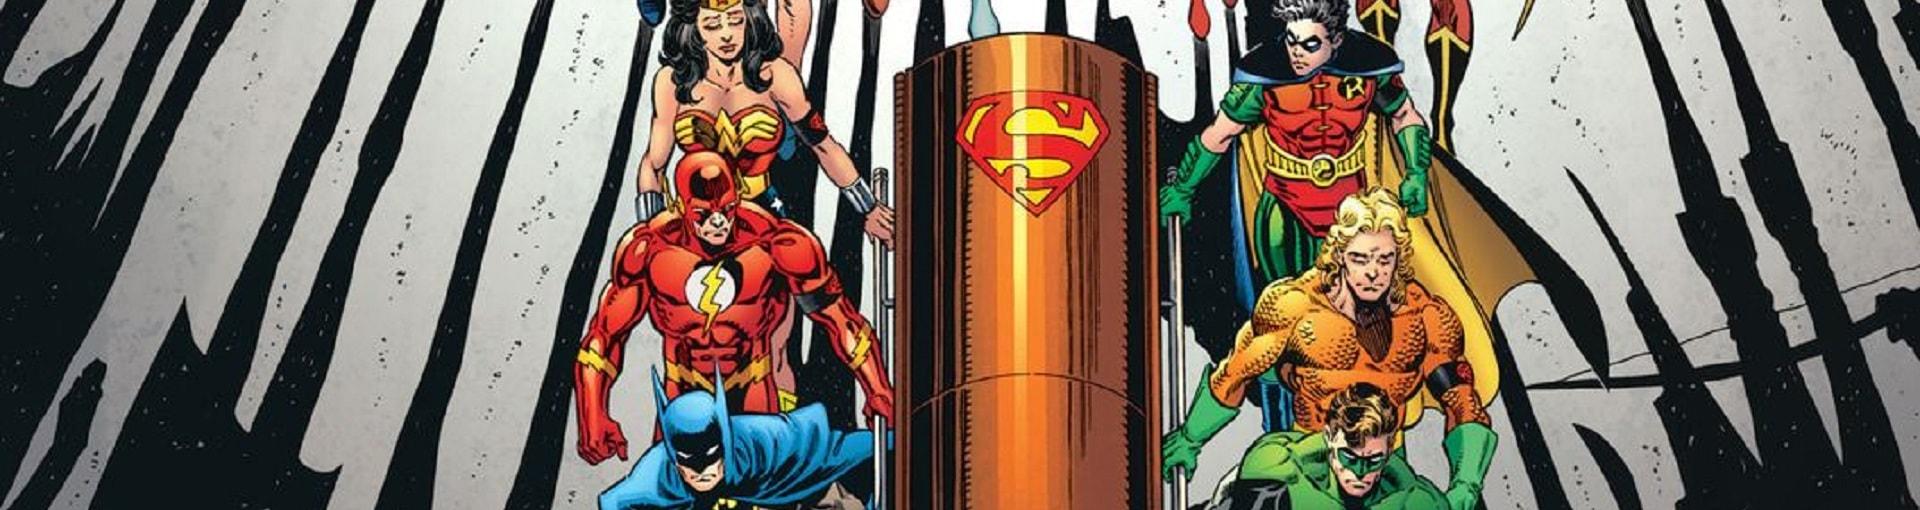 on sale superman